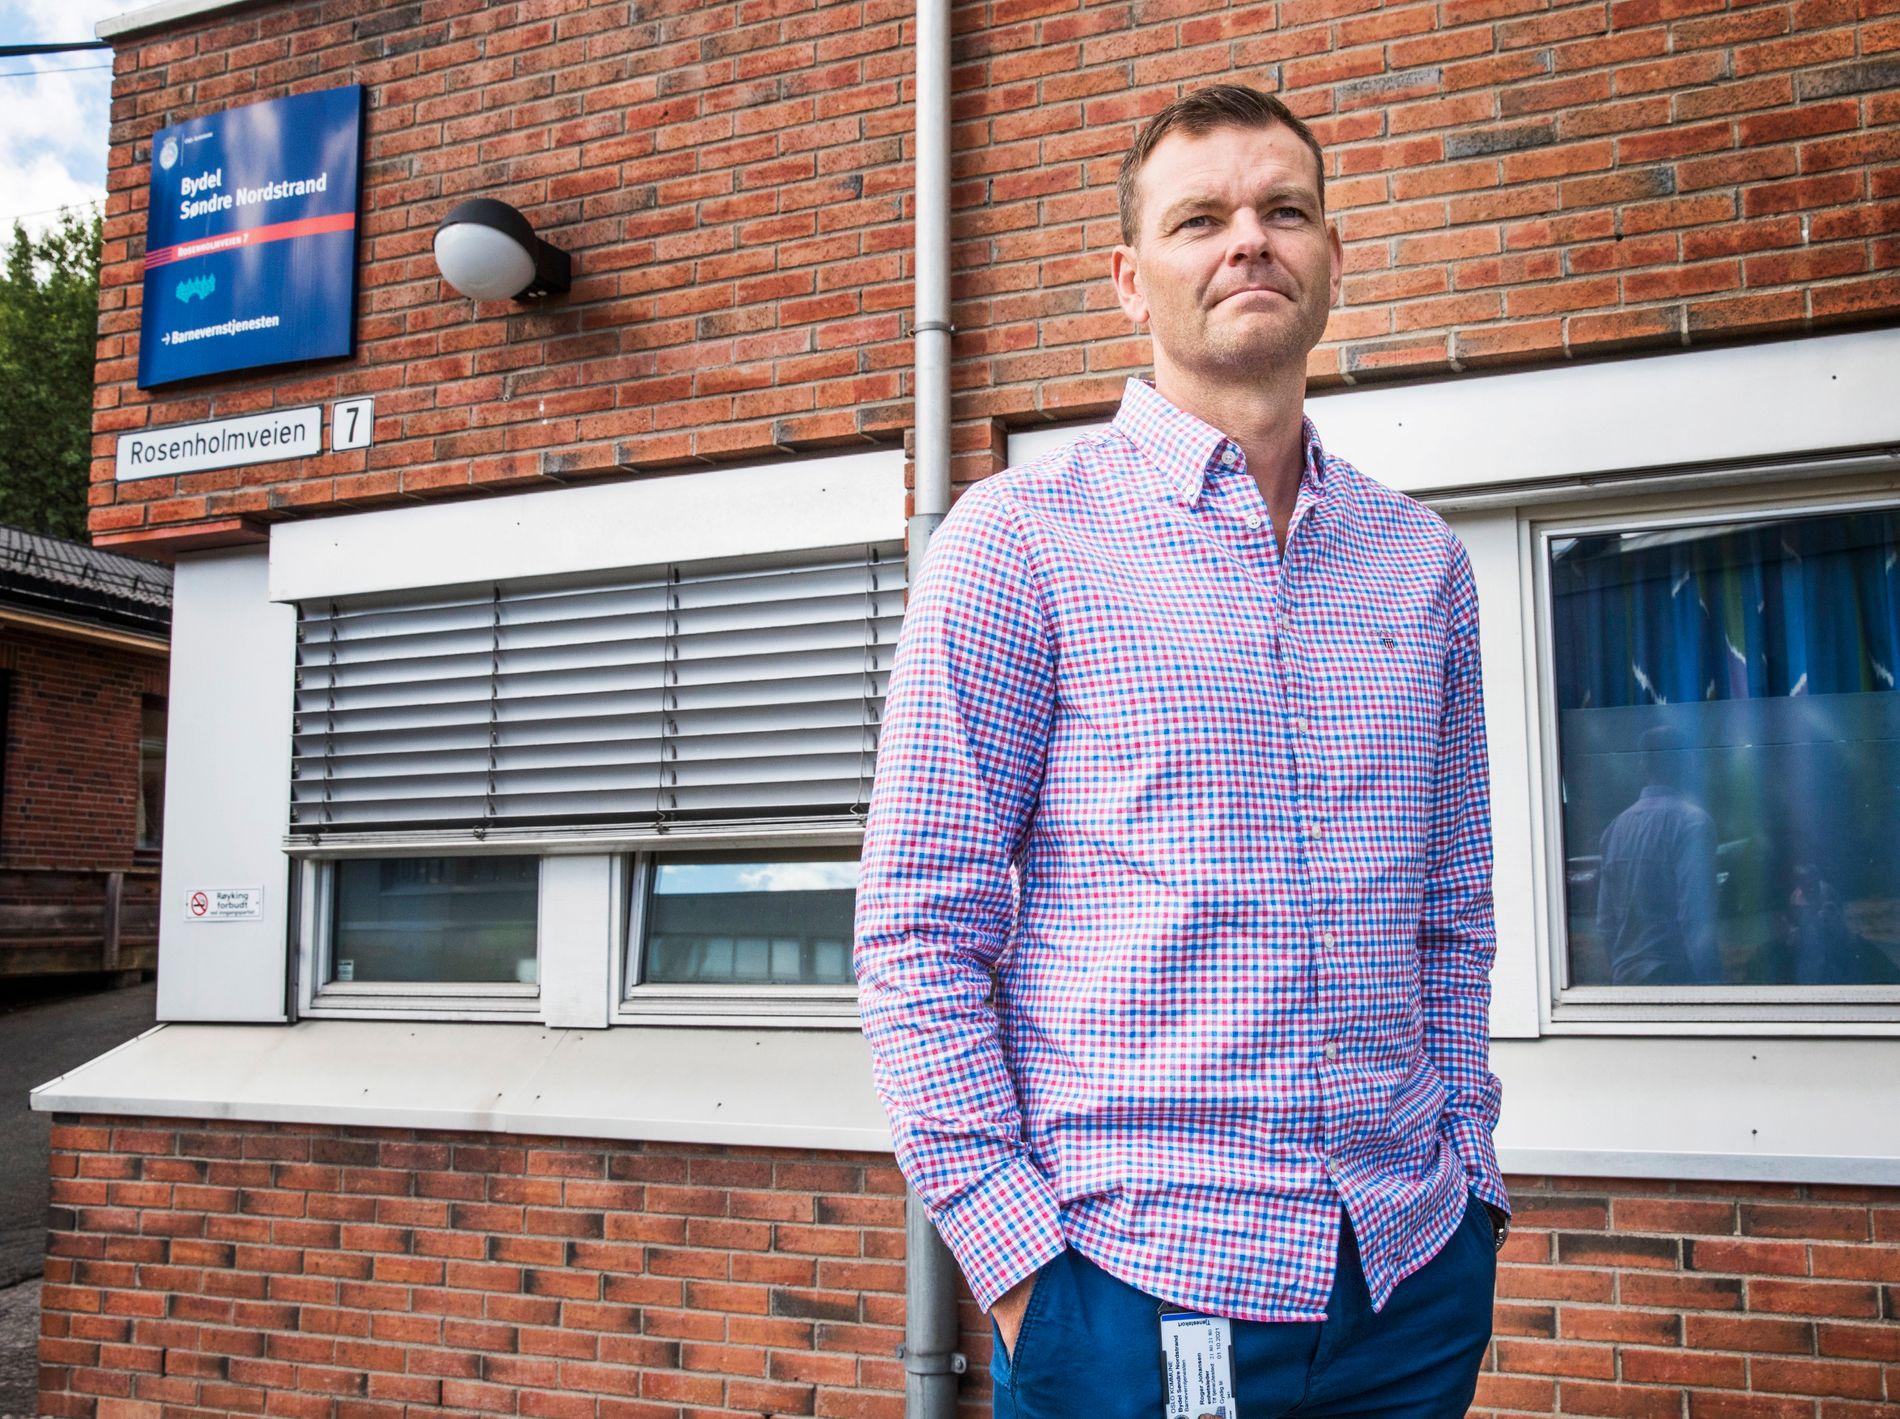 LEGGER SEG FLAT. Roger Johansen, barnevernsleder i Søndre Nordstrand, sier barnevernet kan bli flinkere til å forebygge ungdomskriminalitet og samarbeide bedre med skolene.